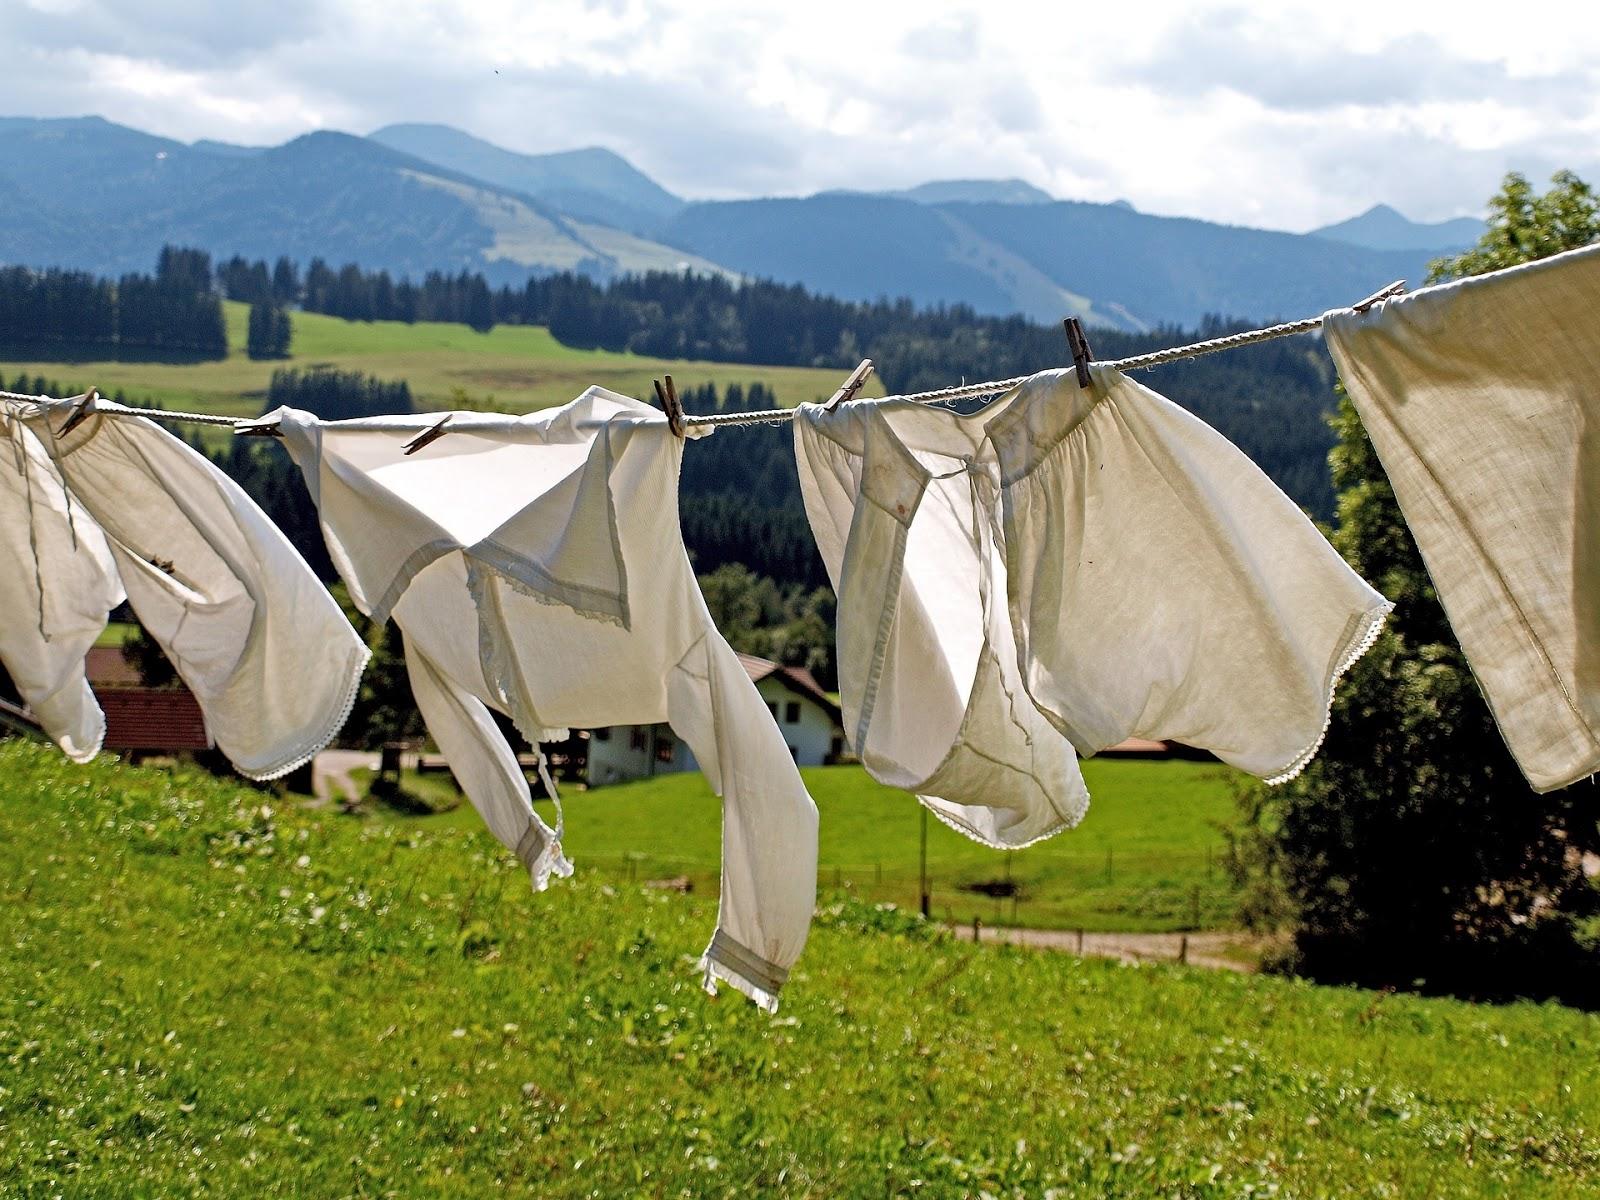 ... τα απλωμένα ρούχα και τα πολύχρωμα μανταλάκια έχουν μεγάλο εικαστικό  ενδιαφέρον καθώς επεμβαίνει ο αέρας και το φως καθοριστικά στο τελικό  αποτέλεσμα. 62d53e3beed